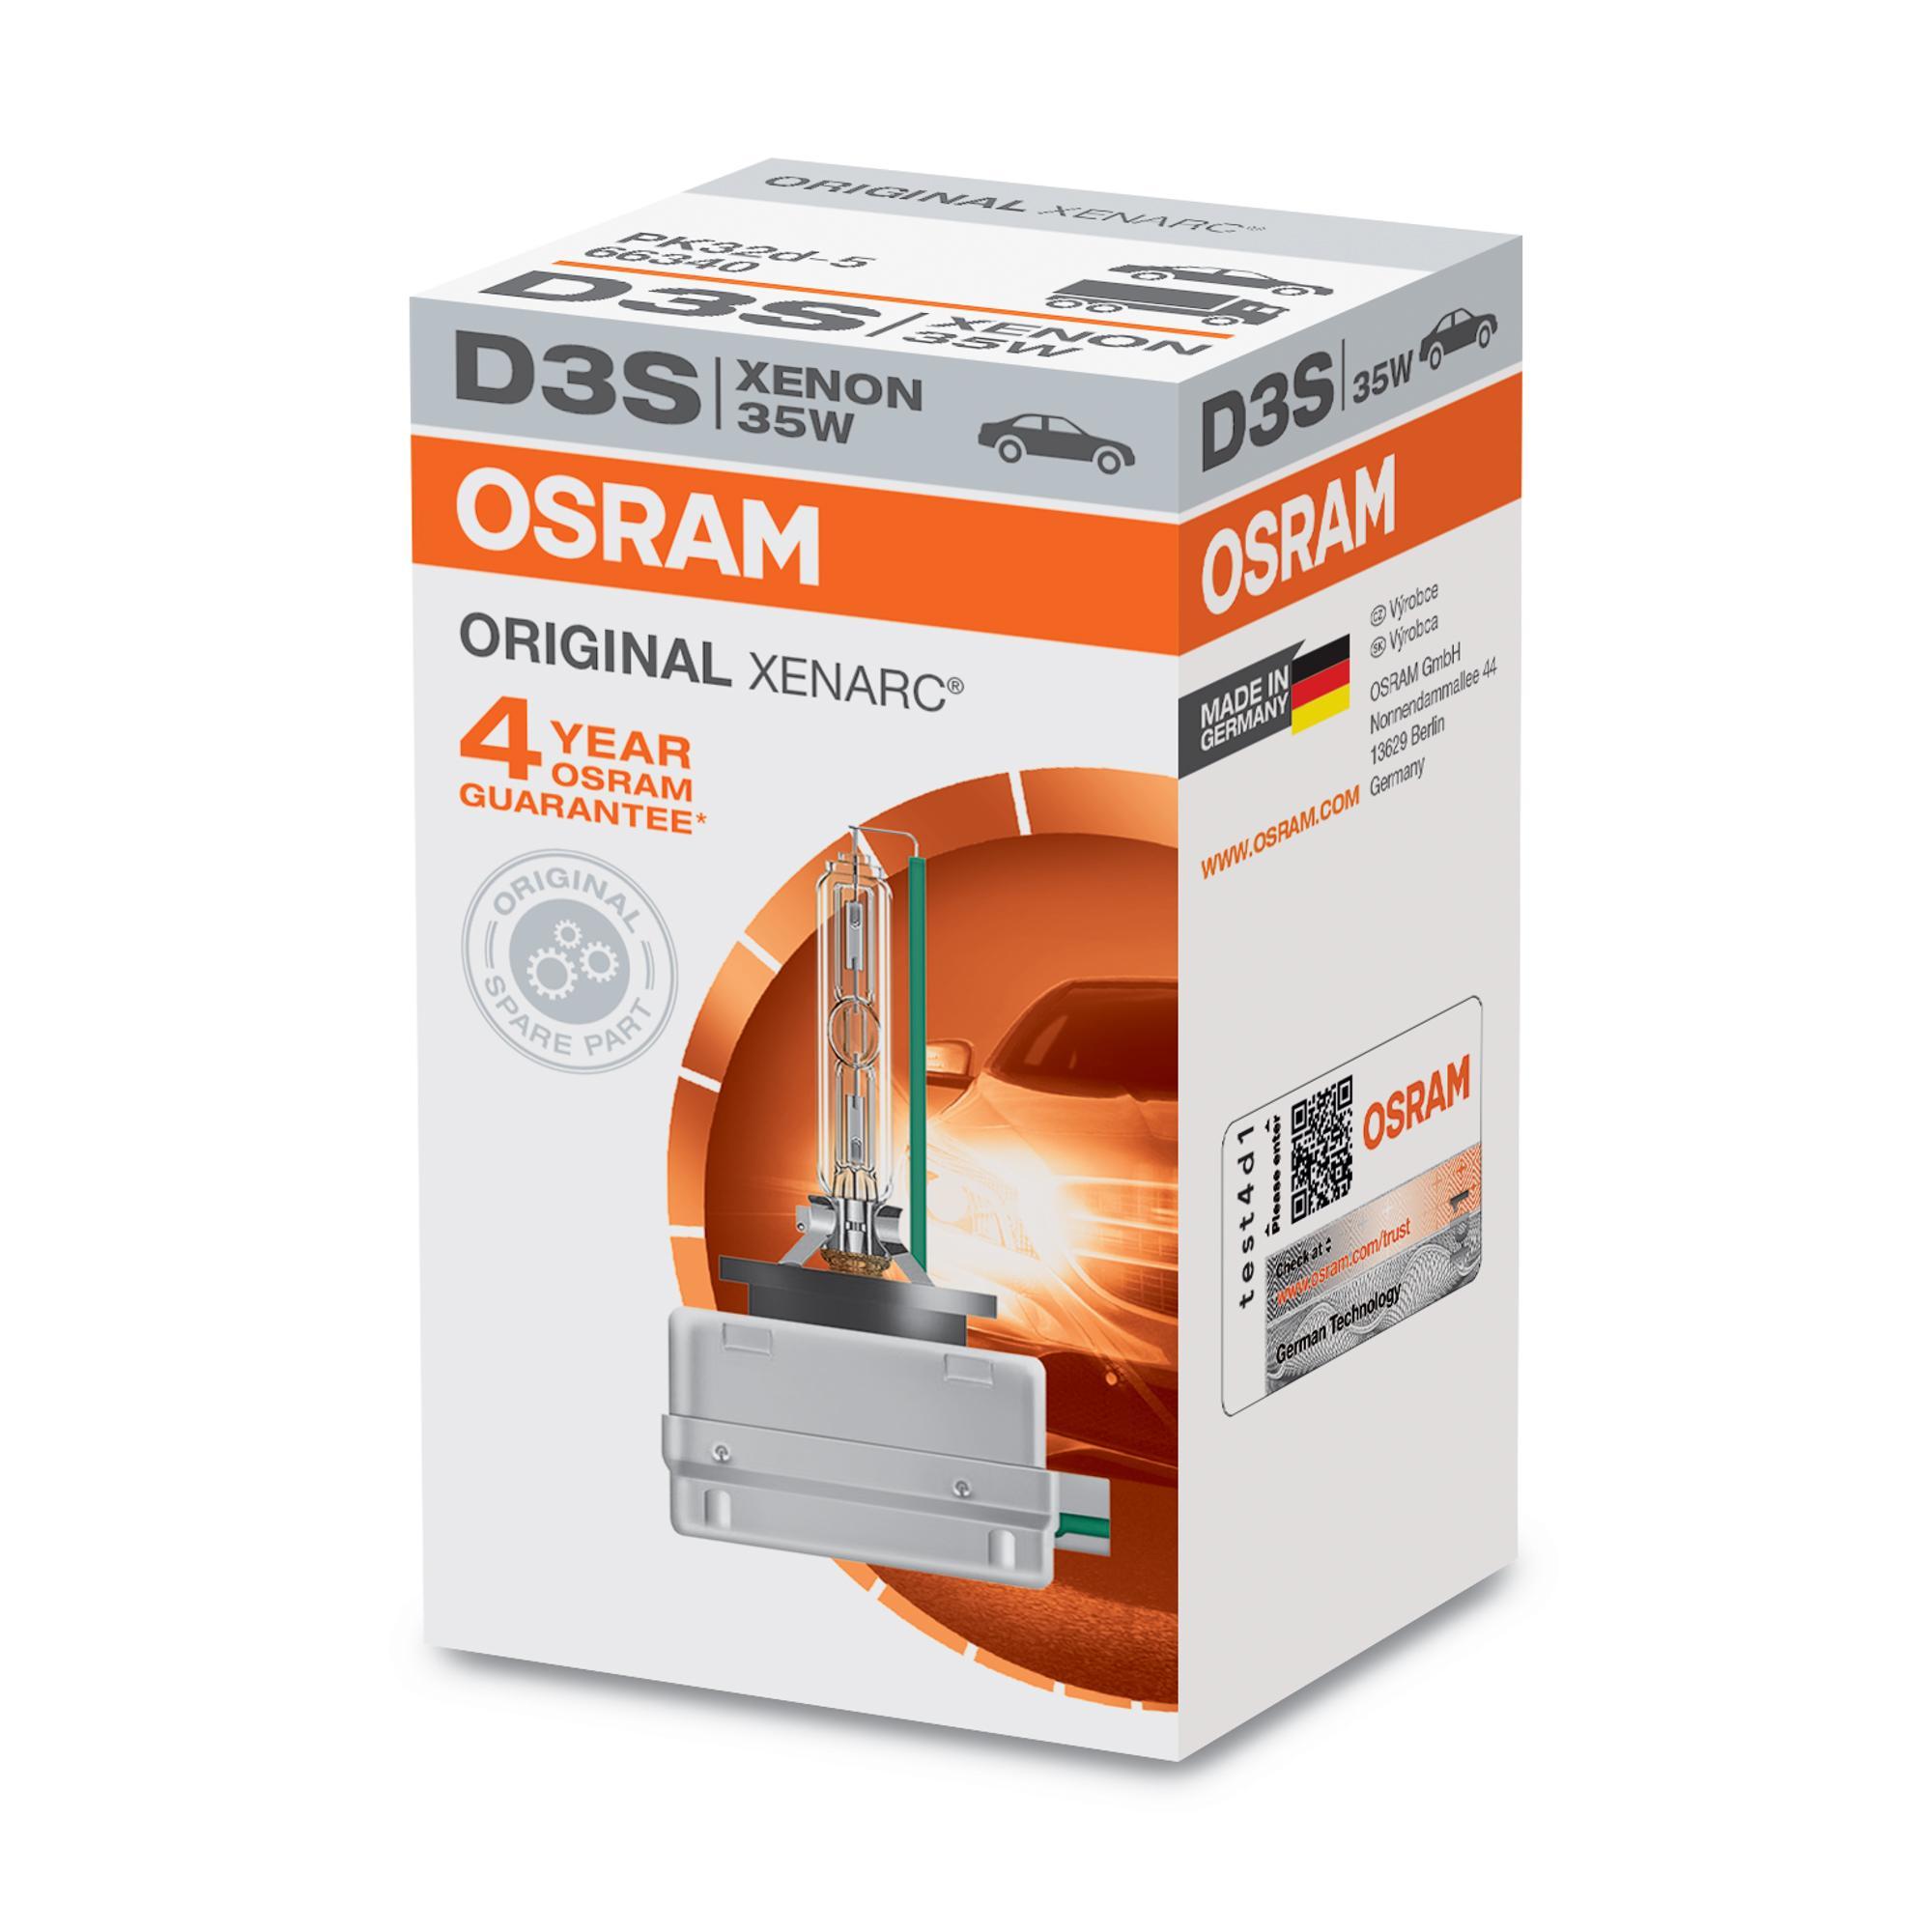 D3S OSRAM XENARC ORIGINAL D3S (Gasentladungslampe) 42V 35W PK32d-5 4500K Xenon Glühlampe, Fernscheinwerfer 66340 günstig kaufen